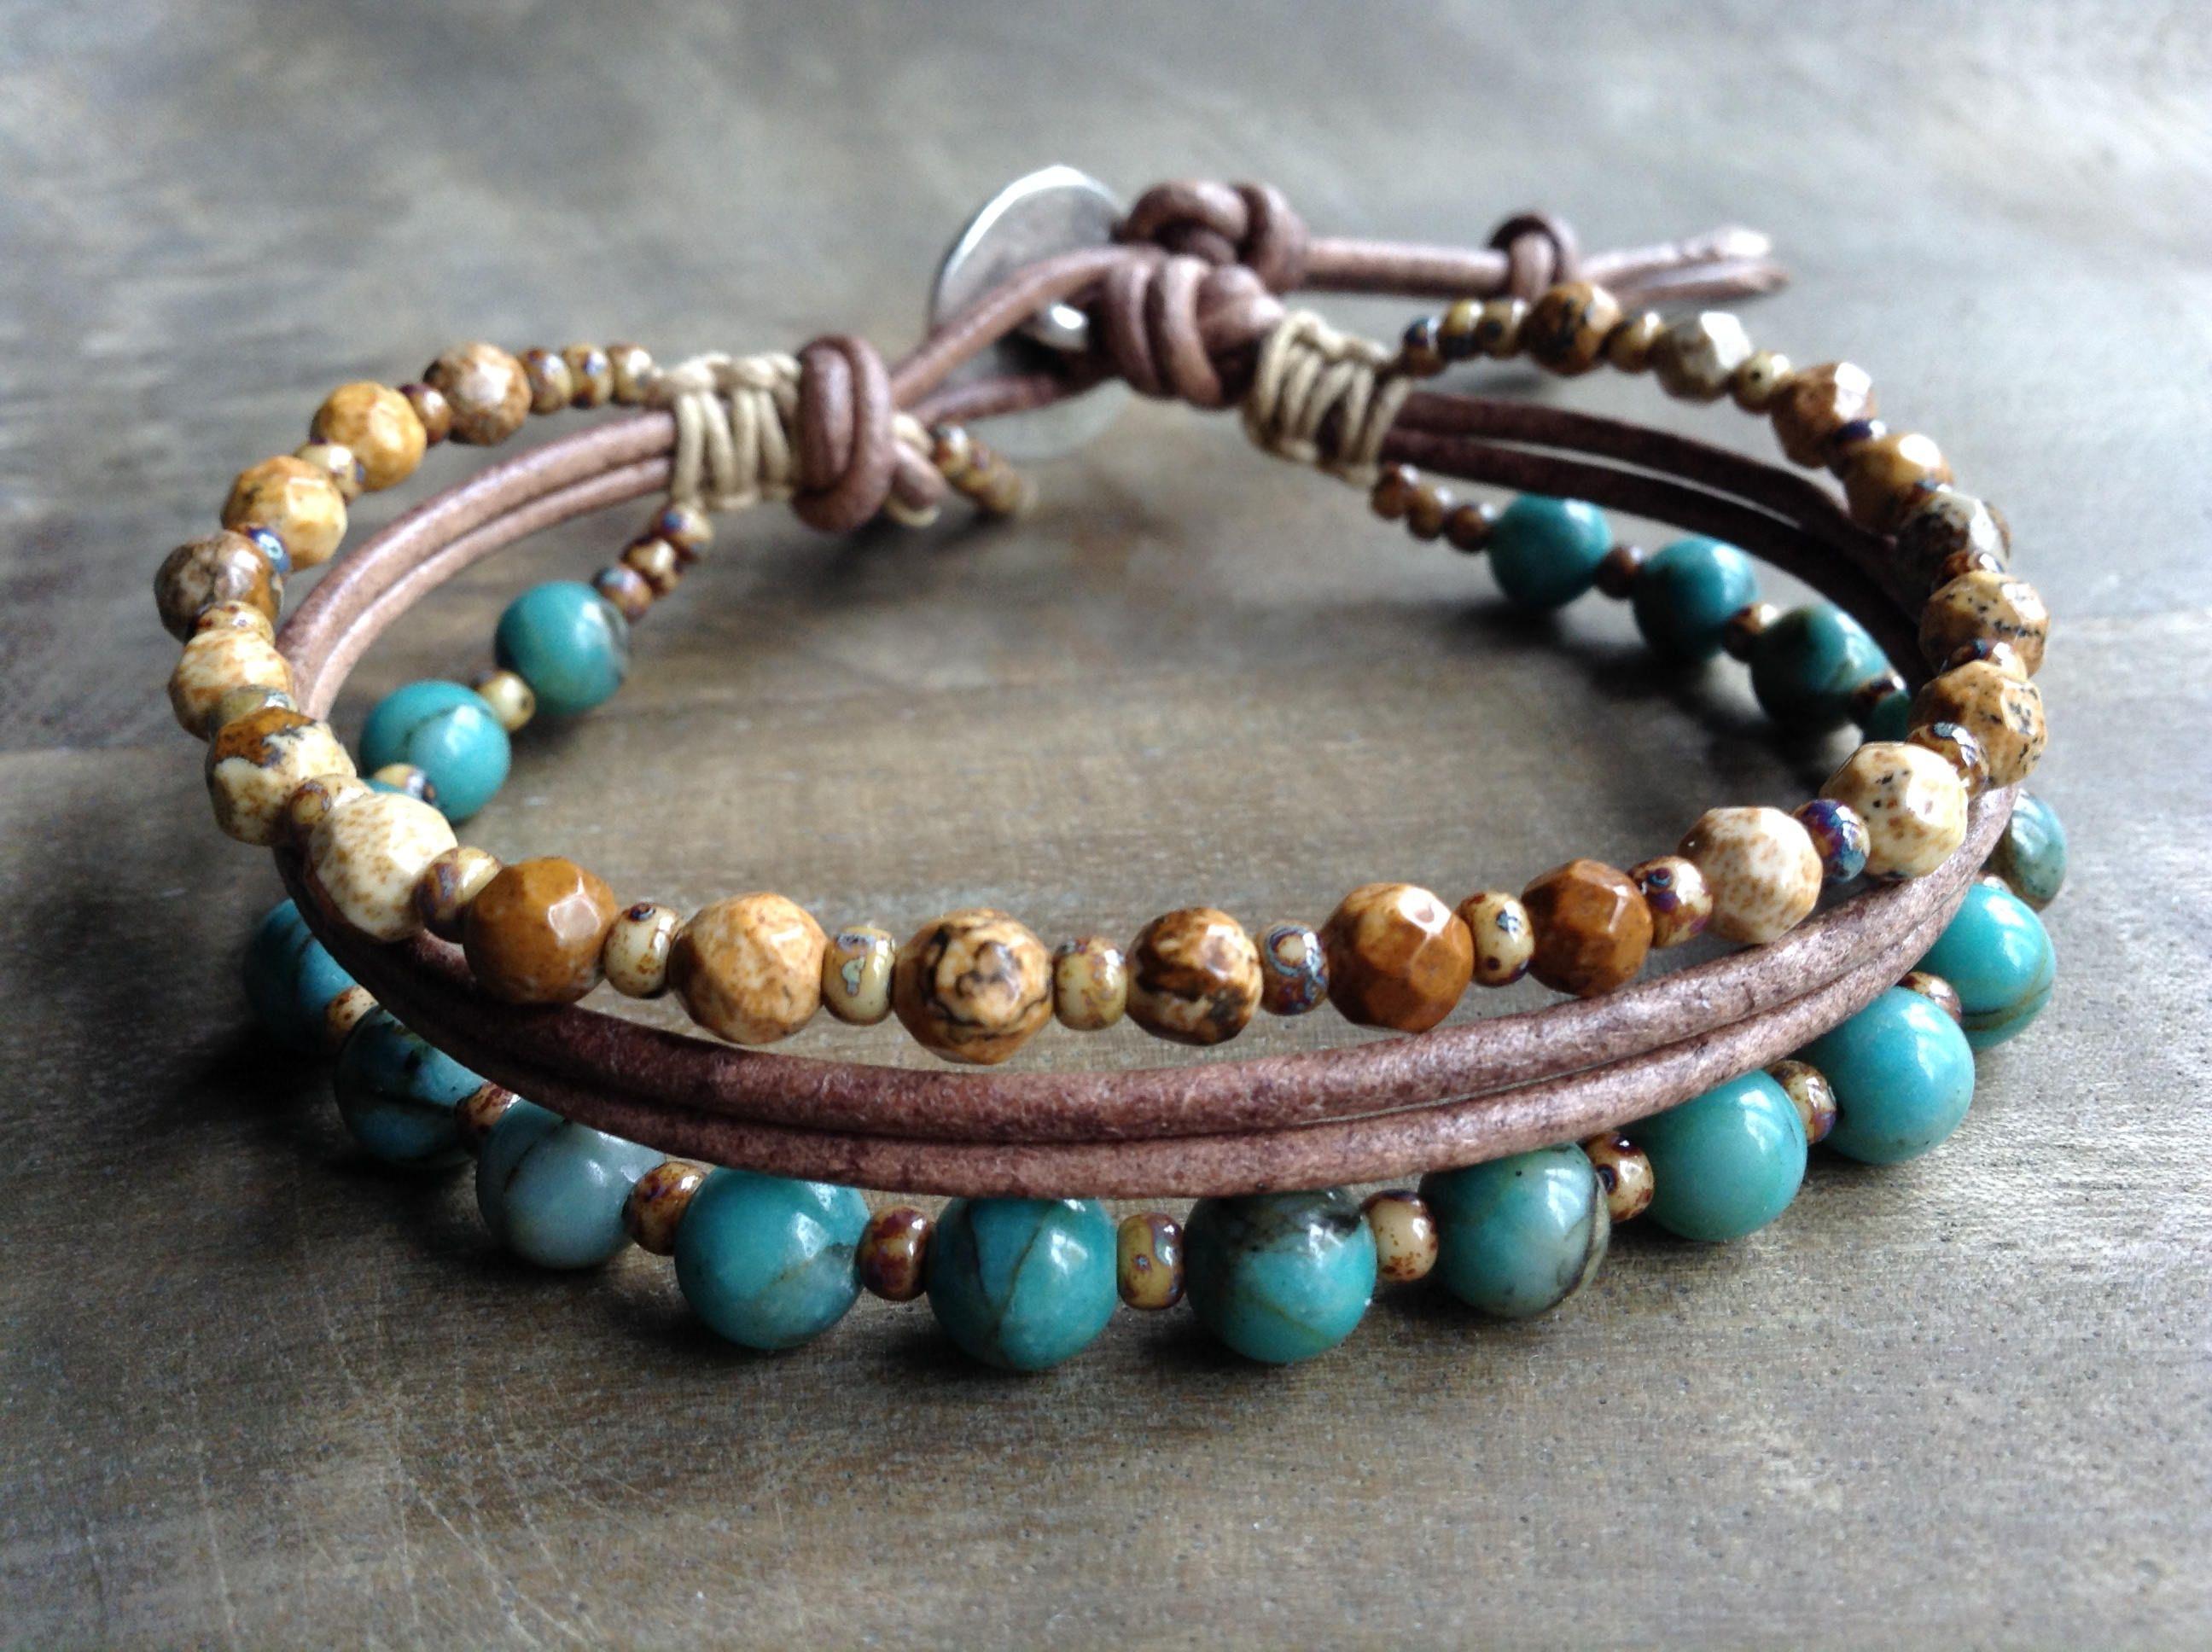 Bohemian bracelet boho chic bracelet boho bracelet hippie bracelet